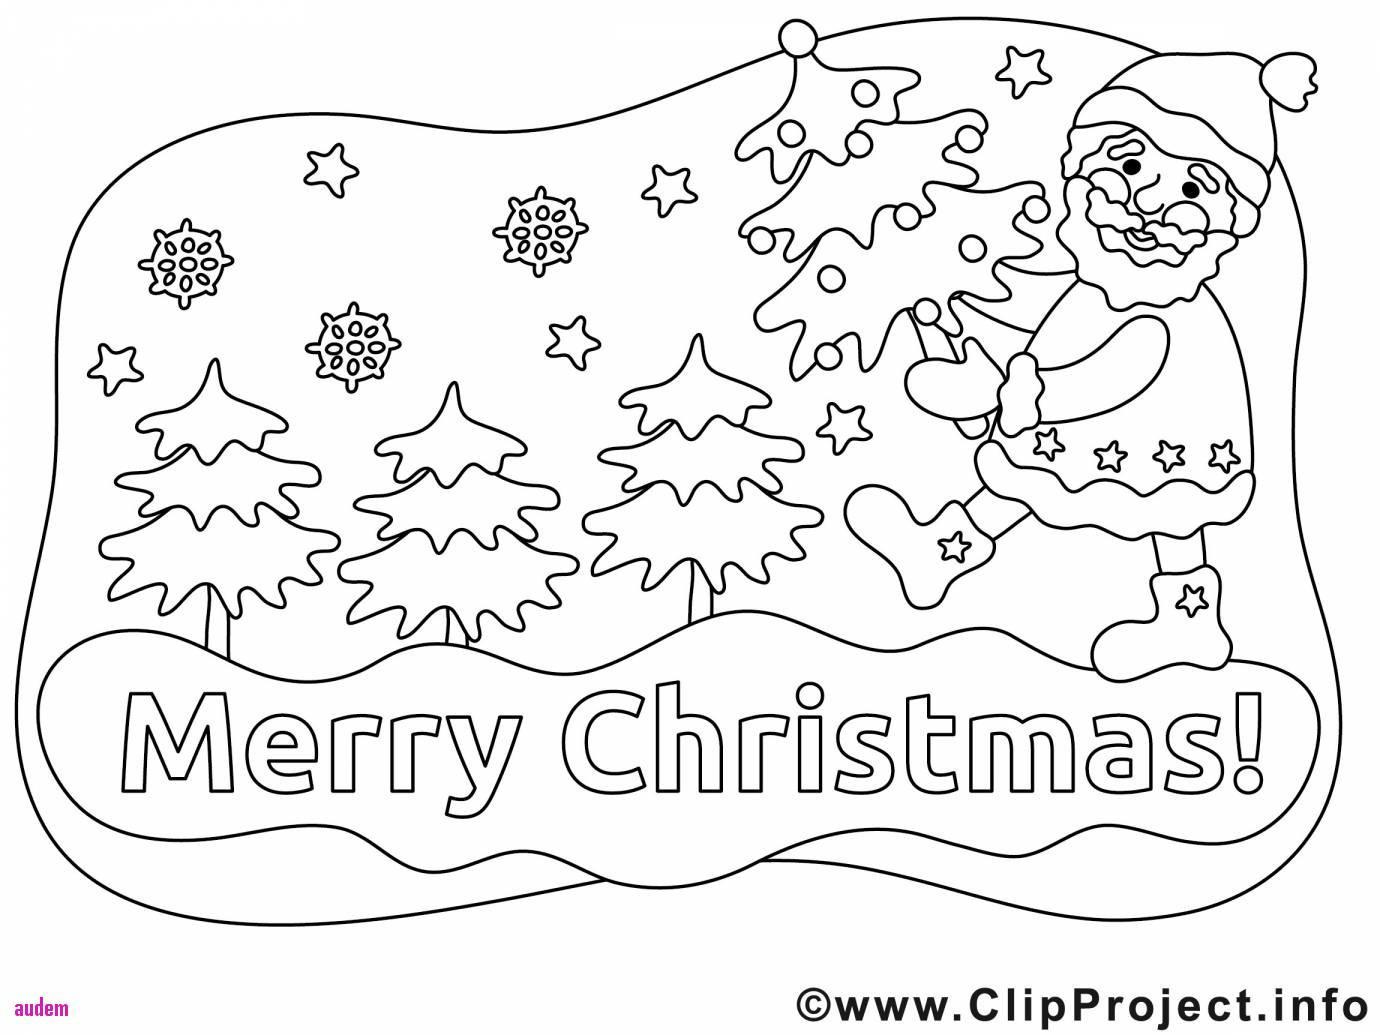 Malvorlagen Weihnachten Kinder Das Beste Von 27 Window Color Weihnachten Malvorlagen Bild